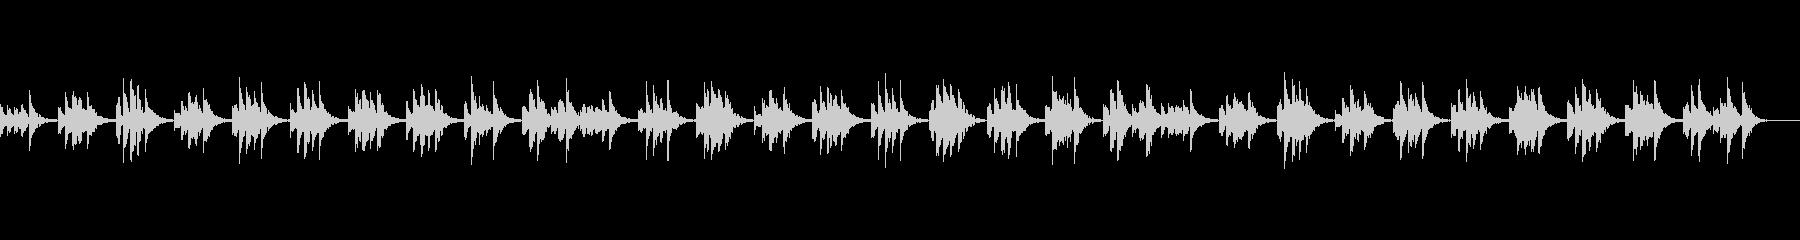 落ち着く安らぎ音楽の未再生の波形